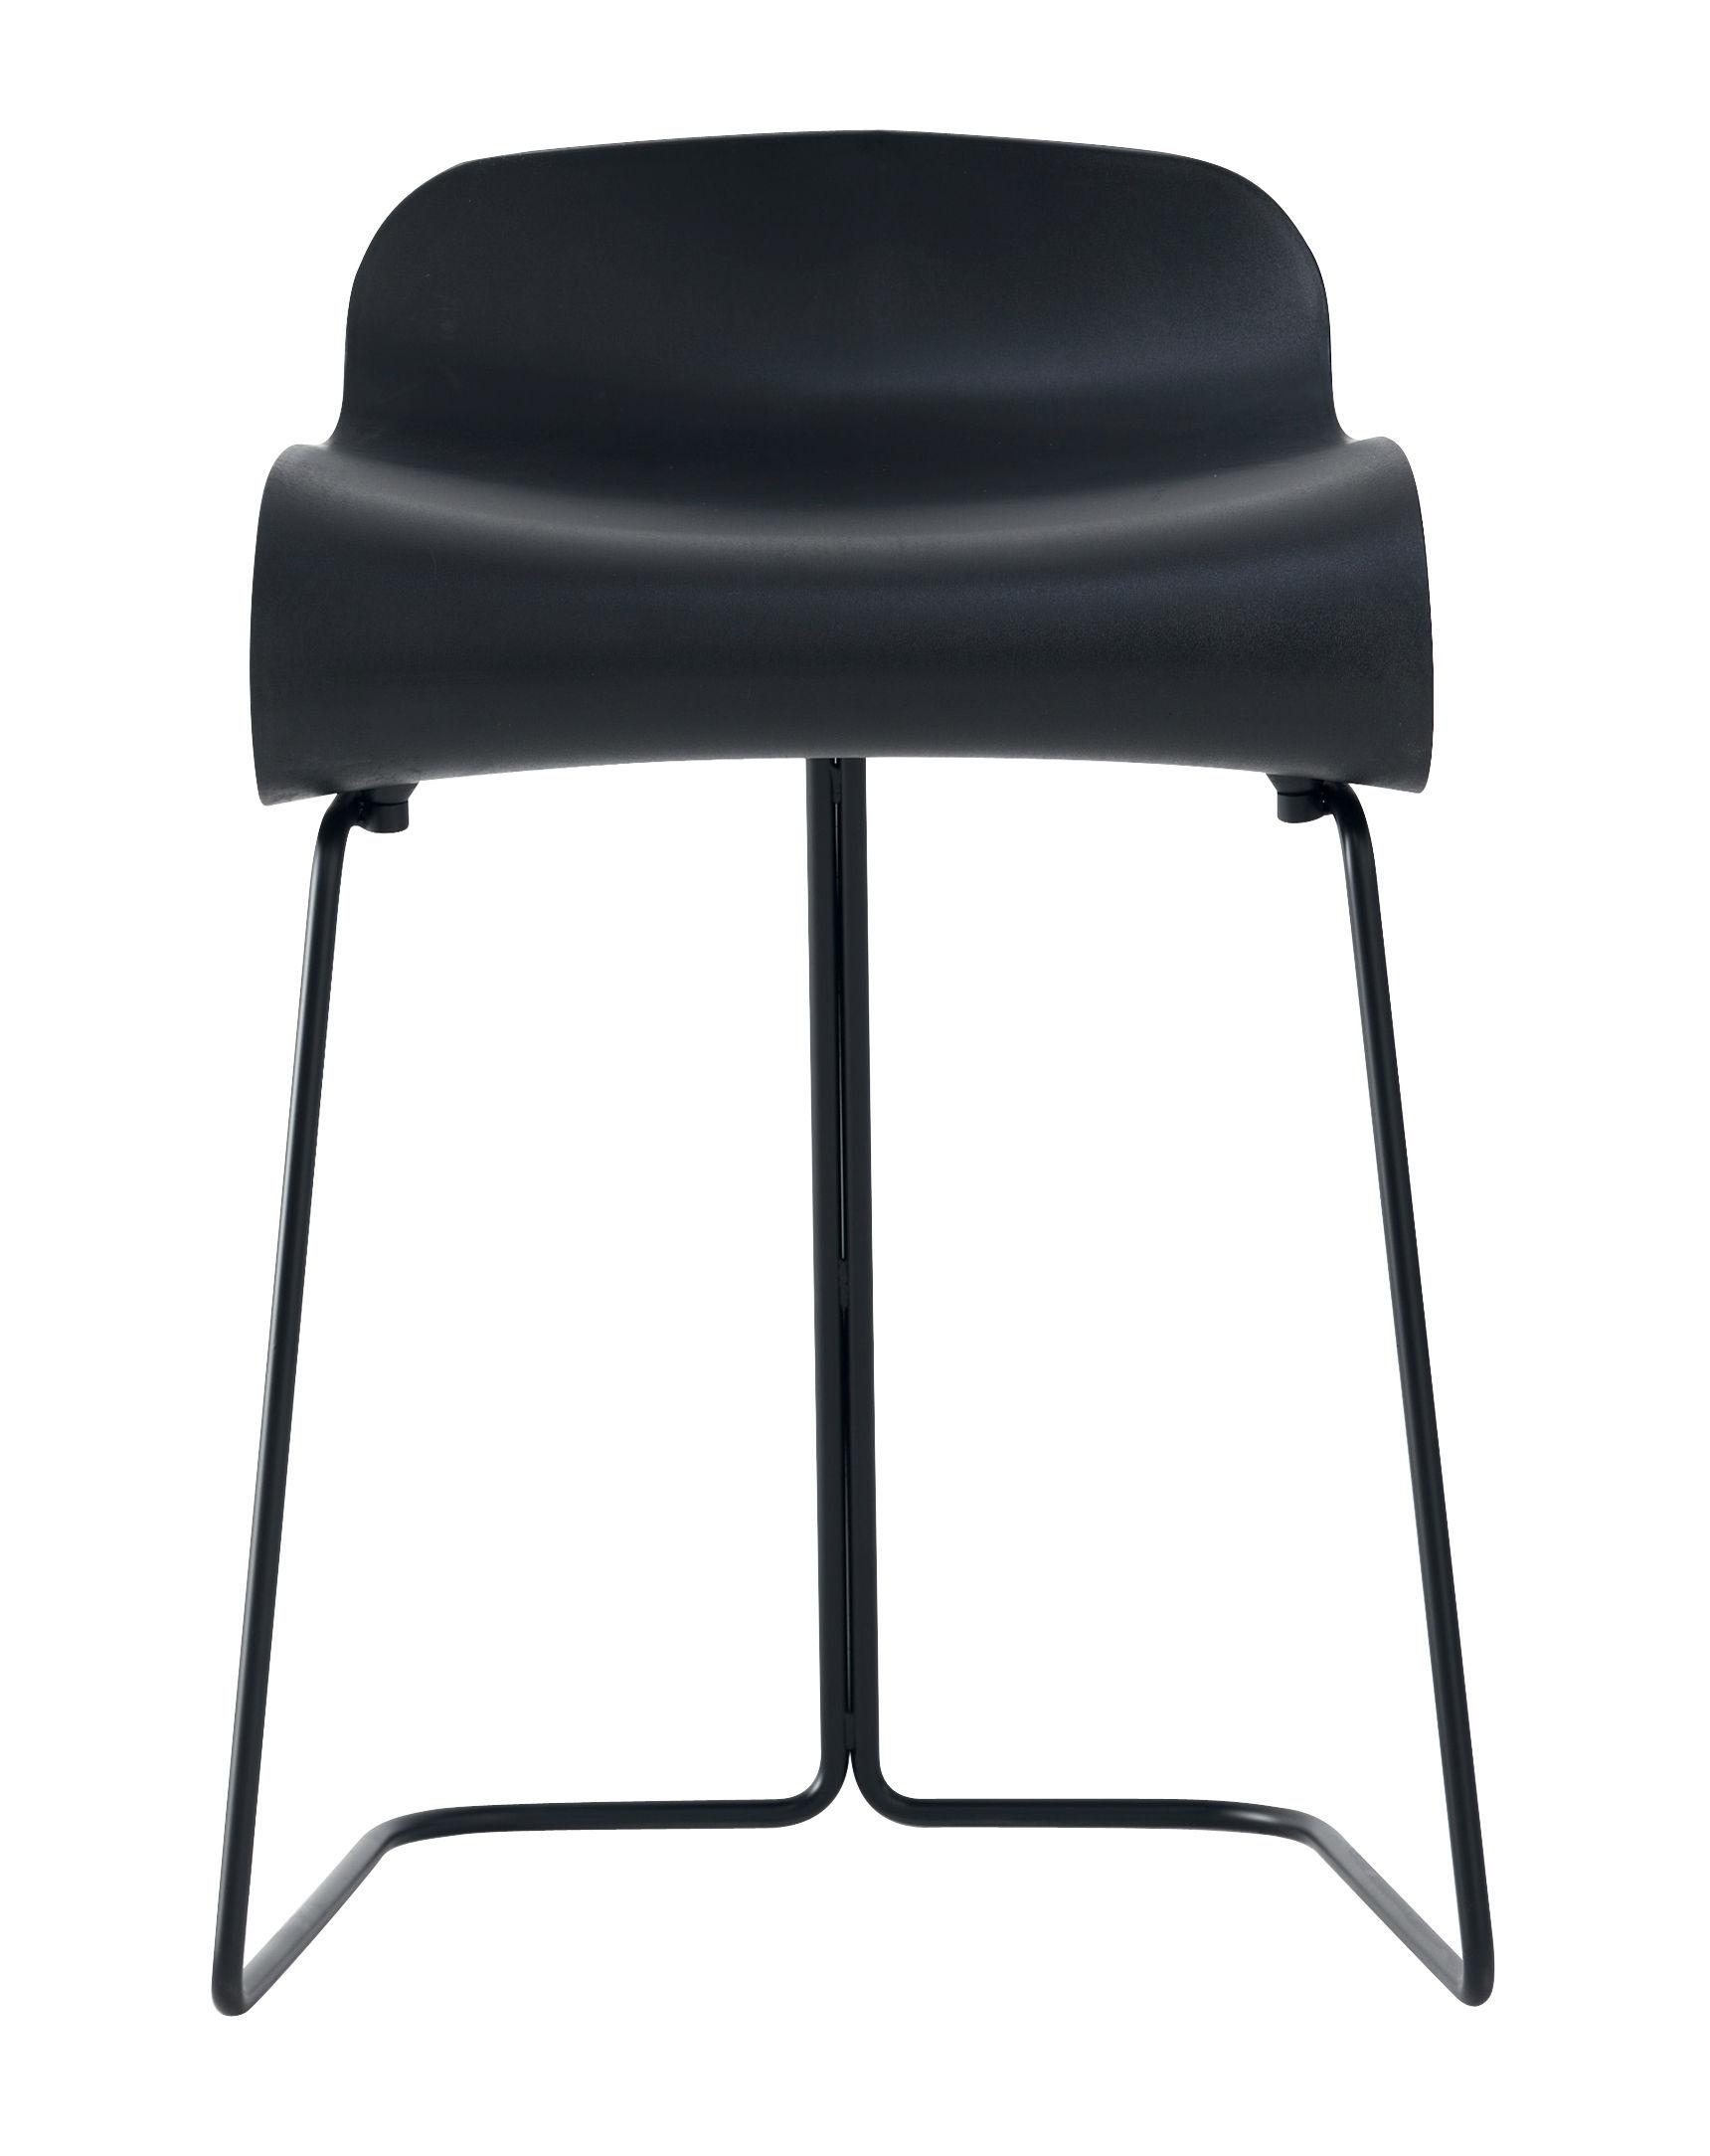 Furniture - Stools - BCN Stool by Kristalia - Black - PBT plastic, Varnished steel